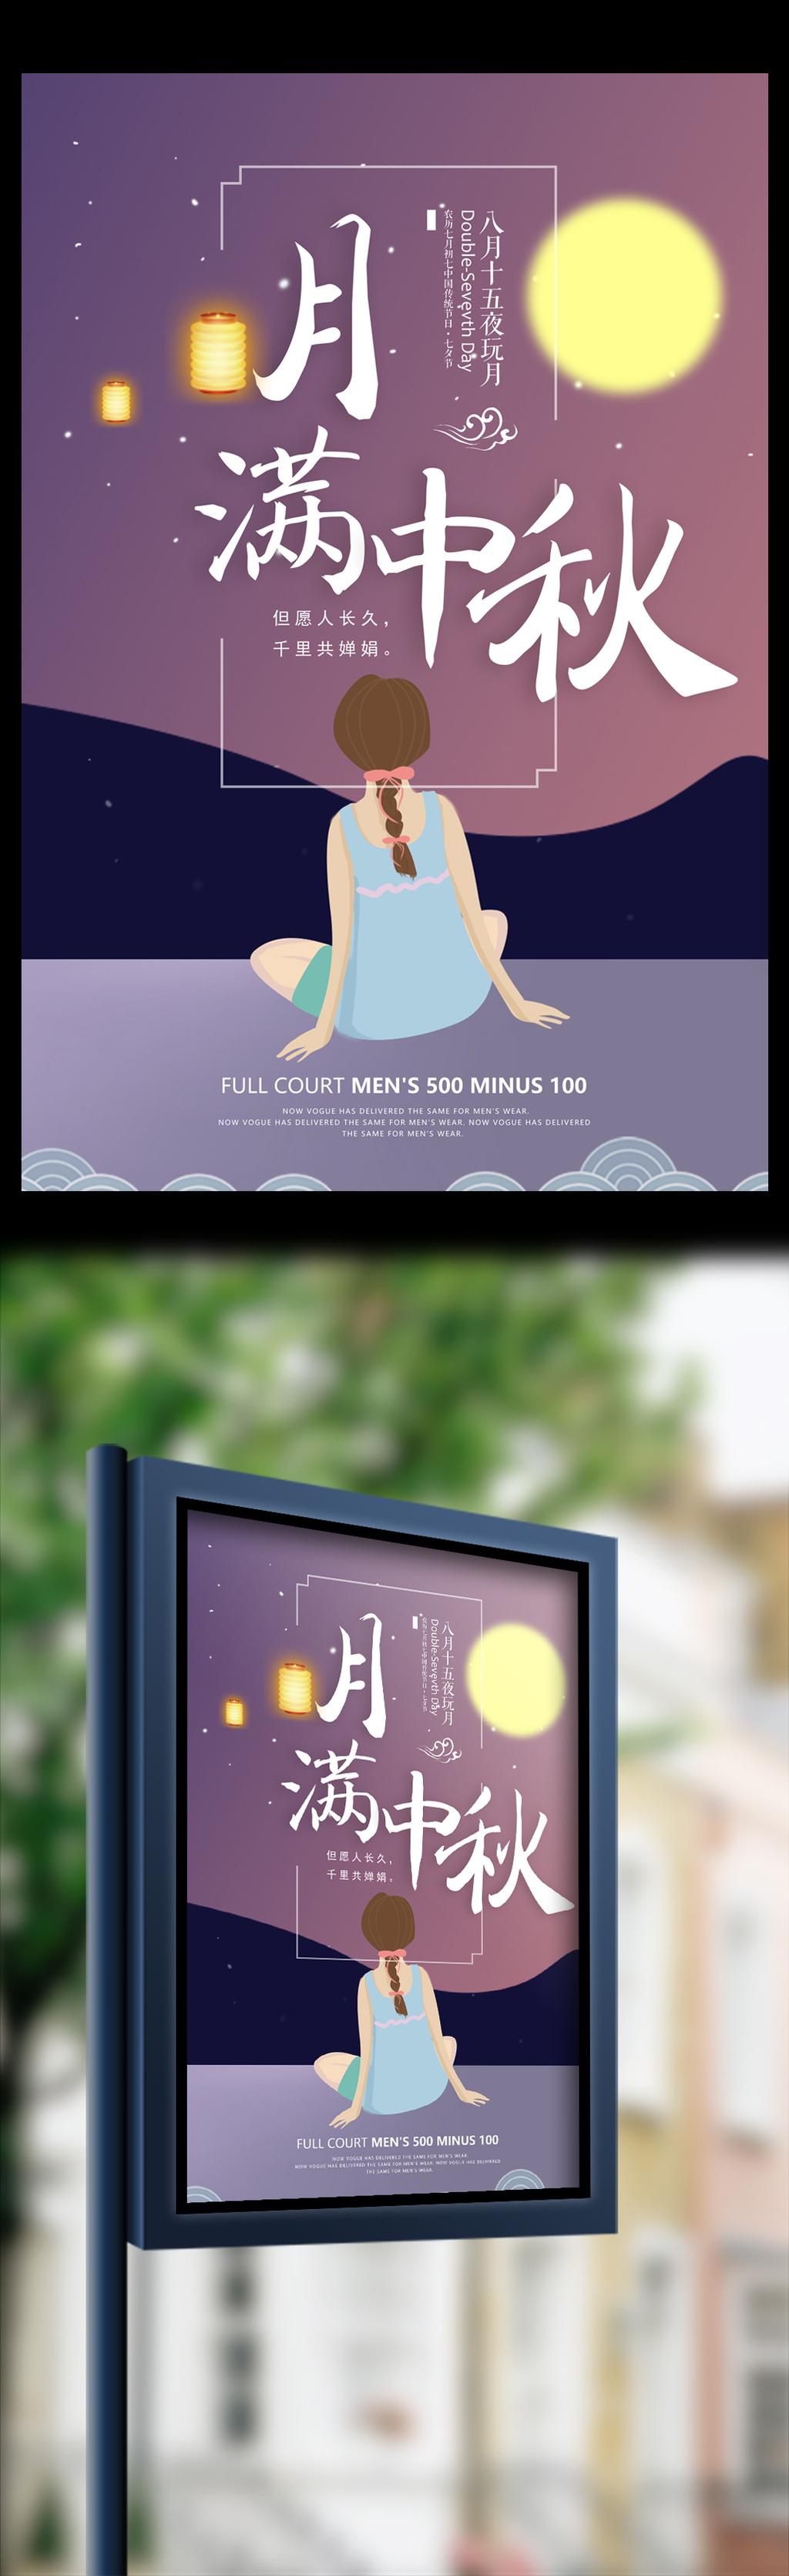 原创设计卡通手绘月满中秋节日海报